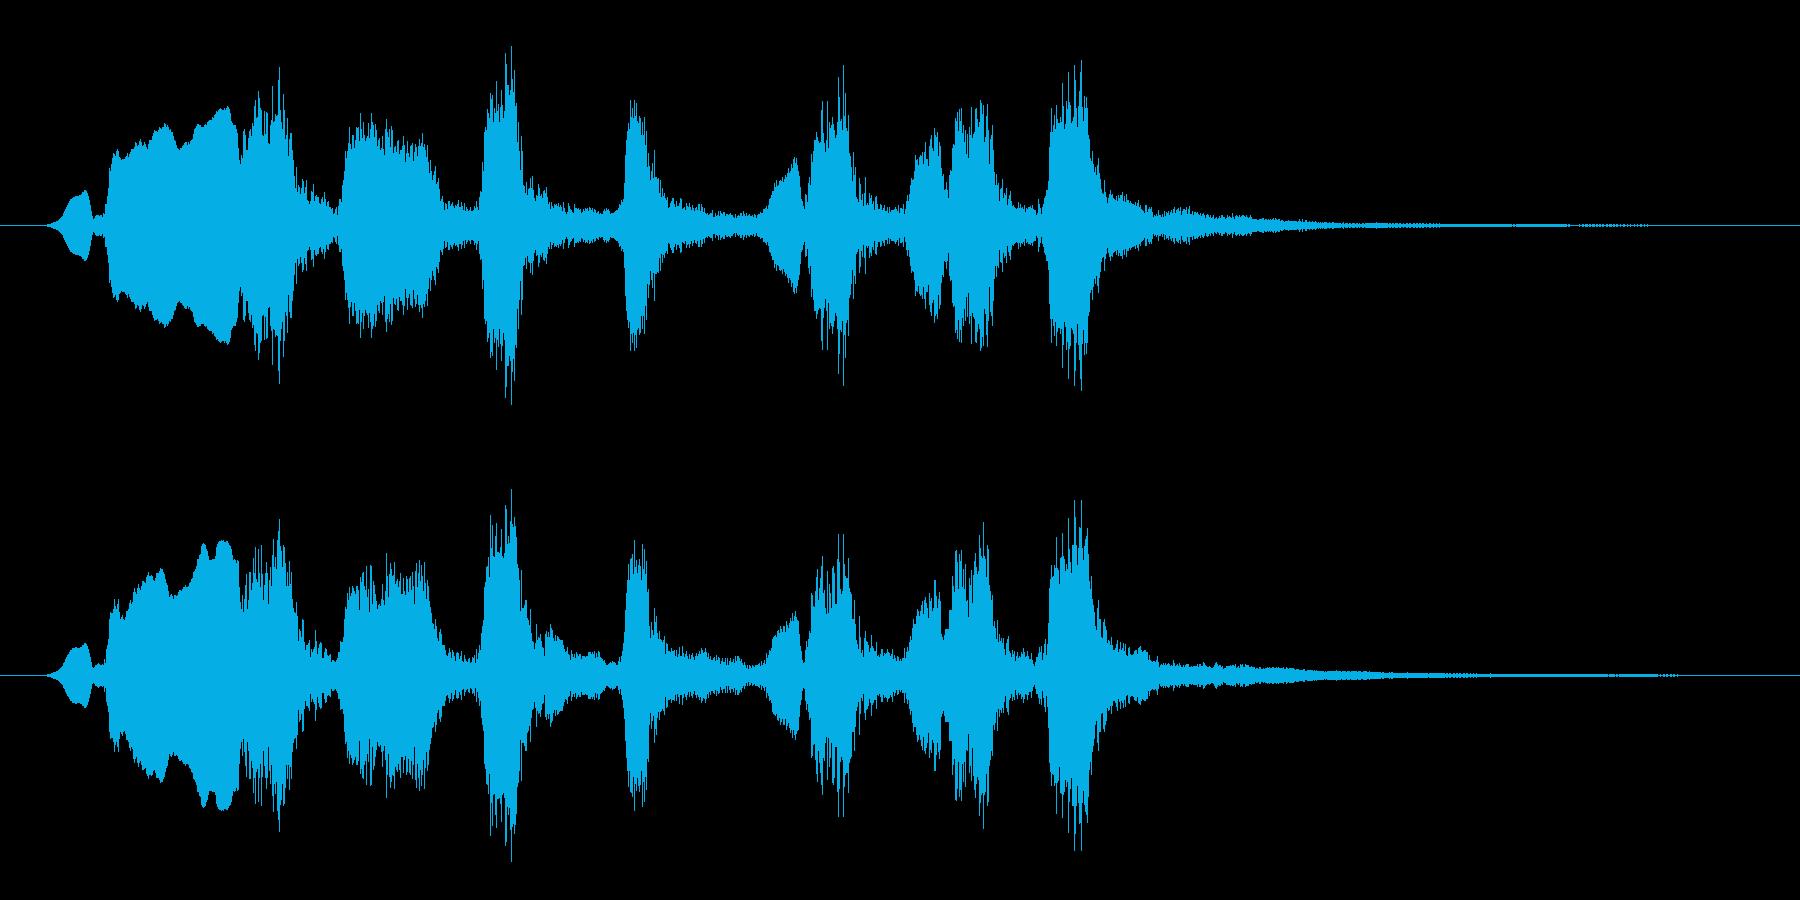 オーボエが印象的おどけた雰囲気のジングルの再生済みの波形